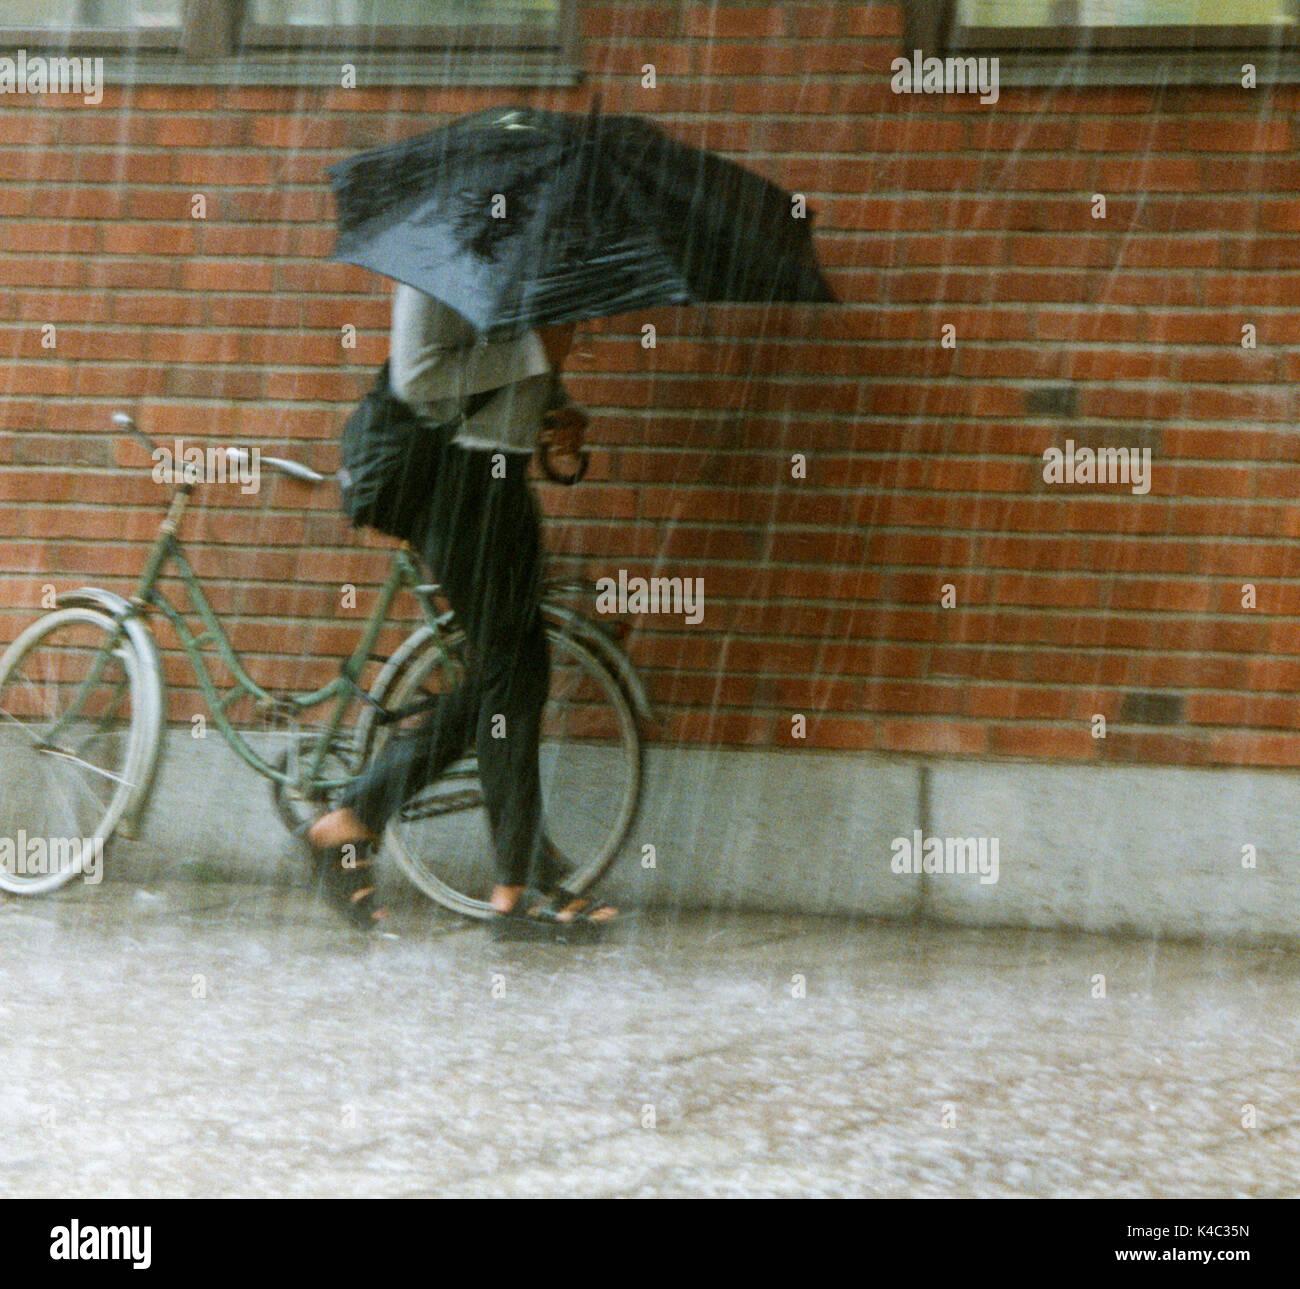 Frauen unter umbrellaat Sommer Regen 2011 Stockbild